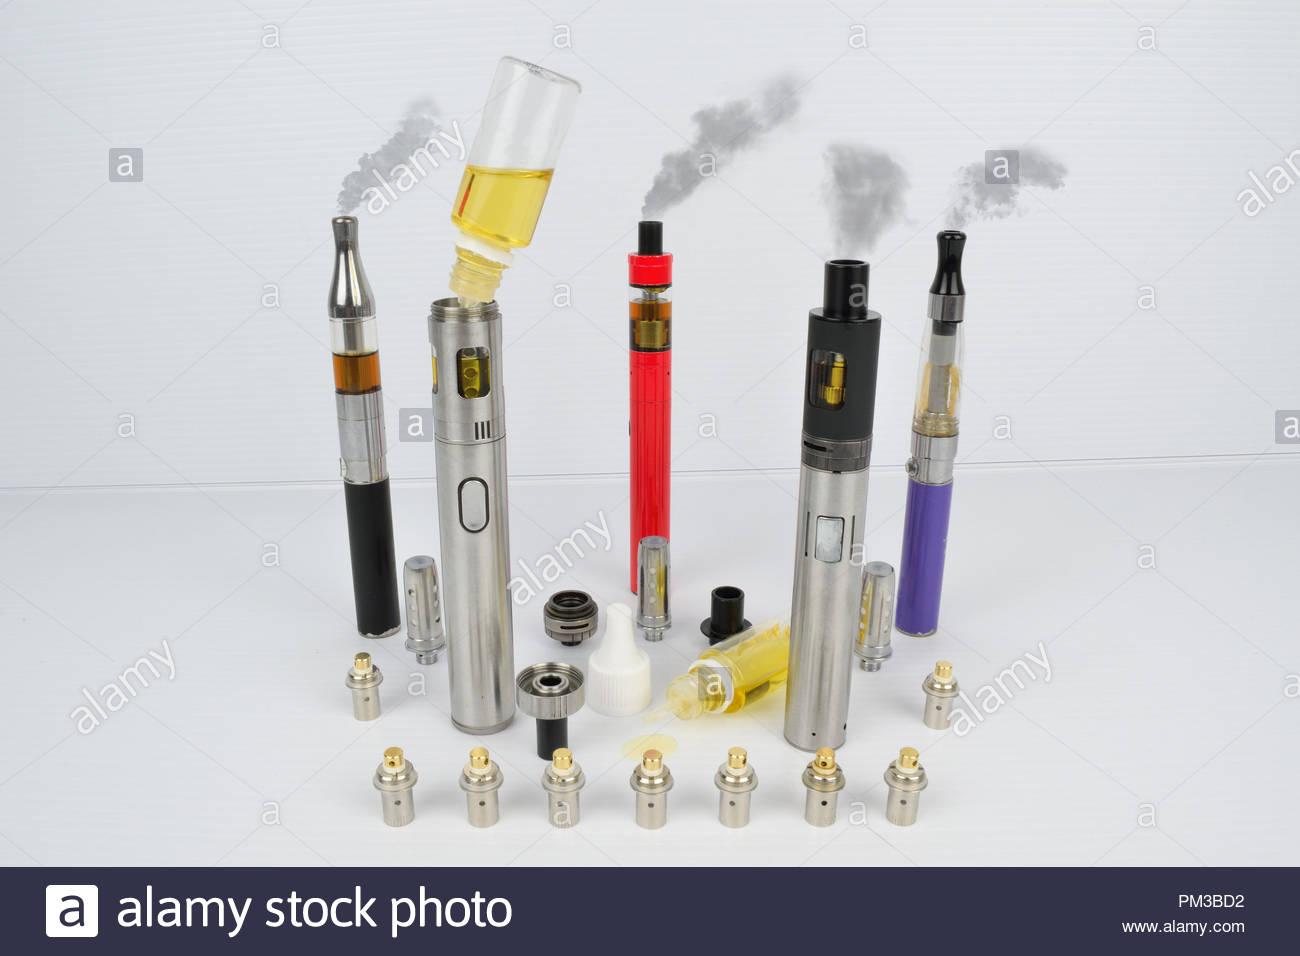 E-Cig Vape Pen Revolution Recruitment Agency - Stock Image